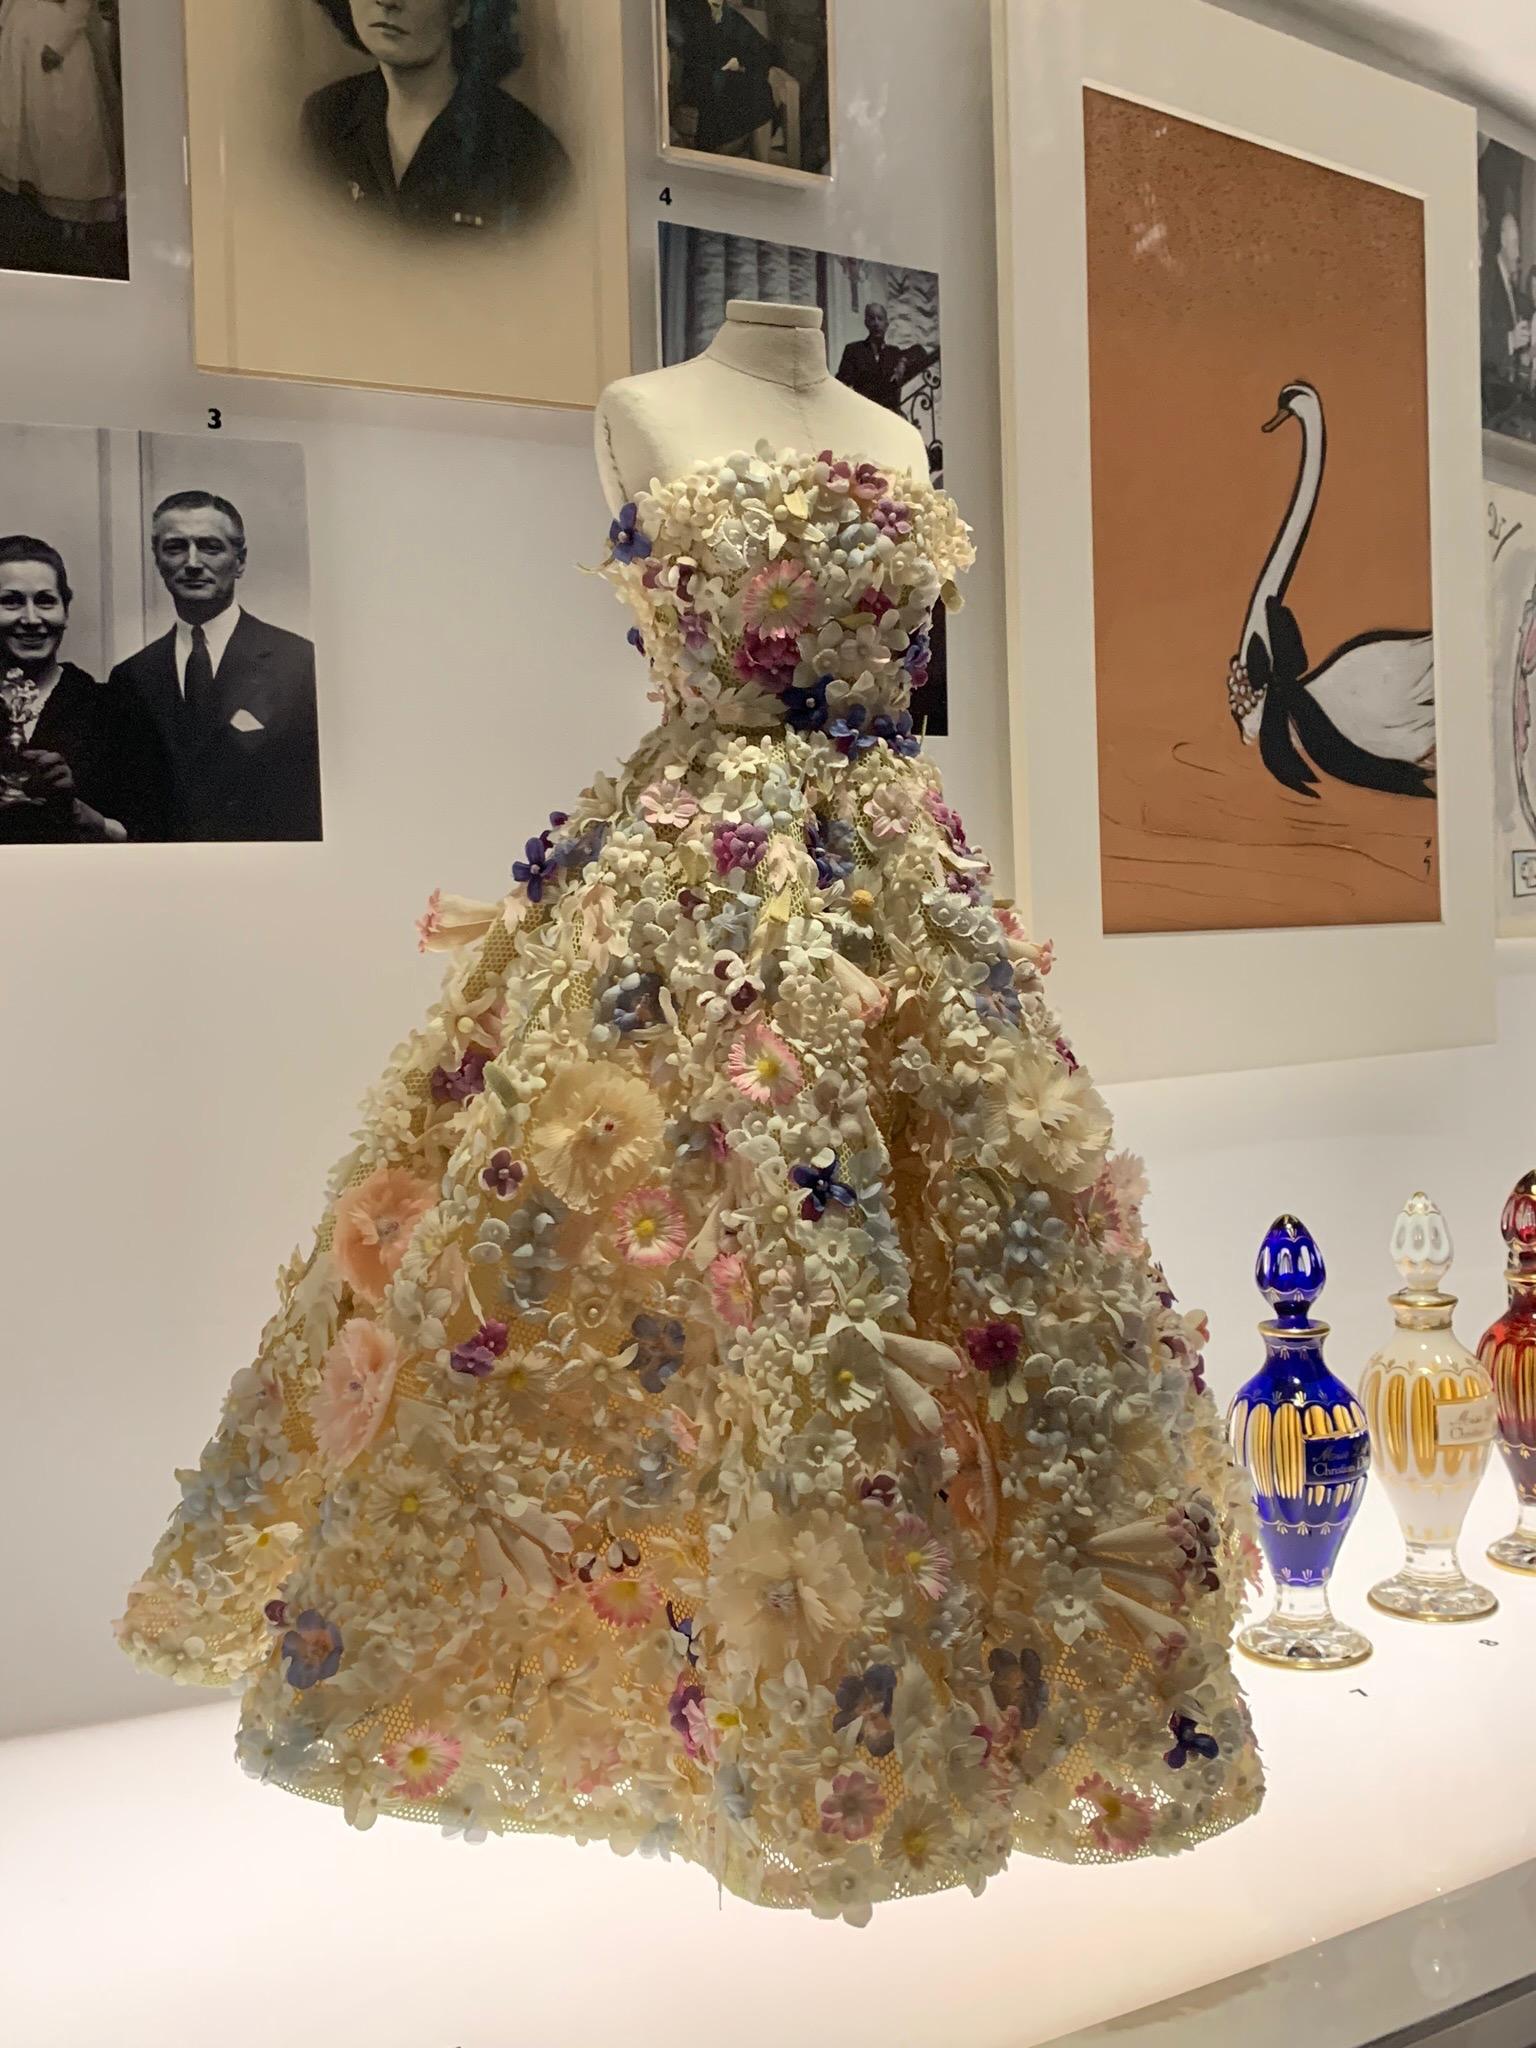 ball gown Dior.jpg